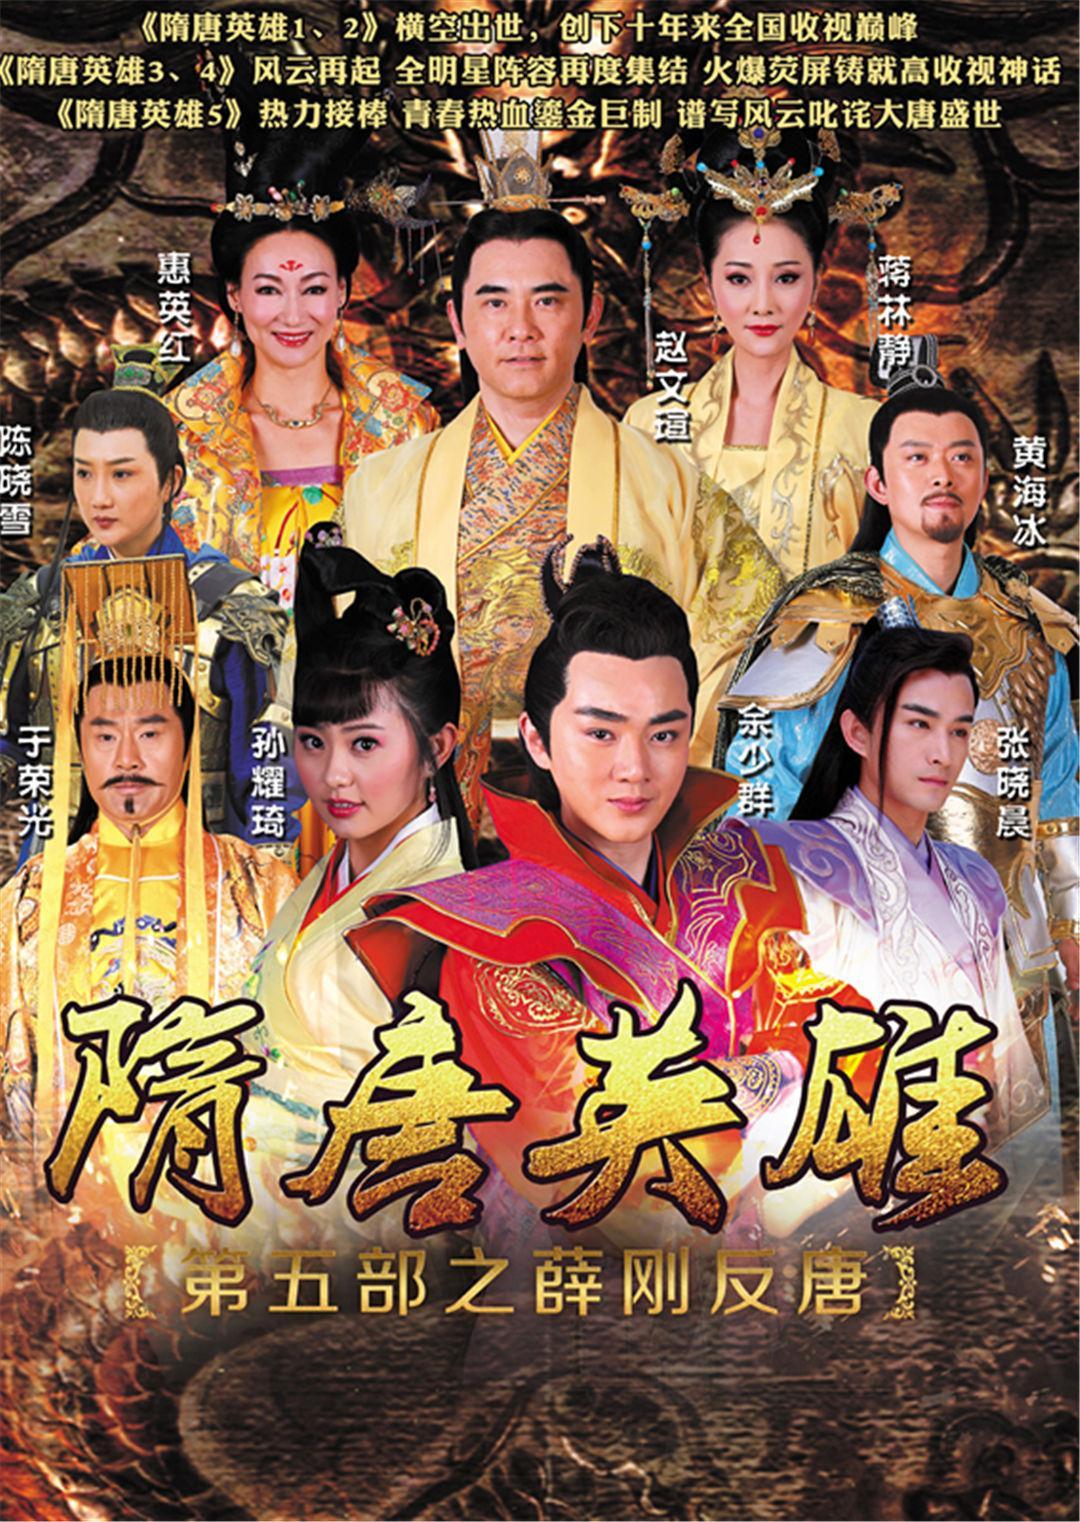 隋唐英雄5 DVD版